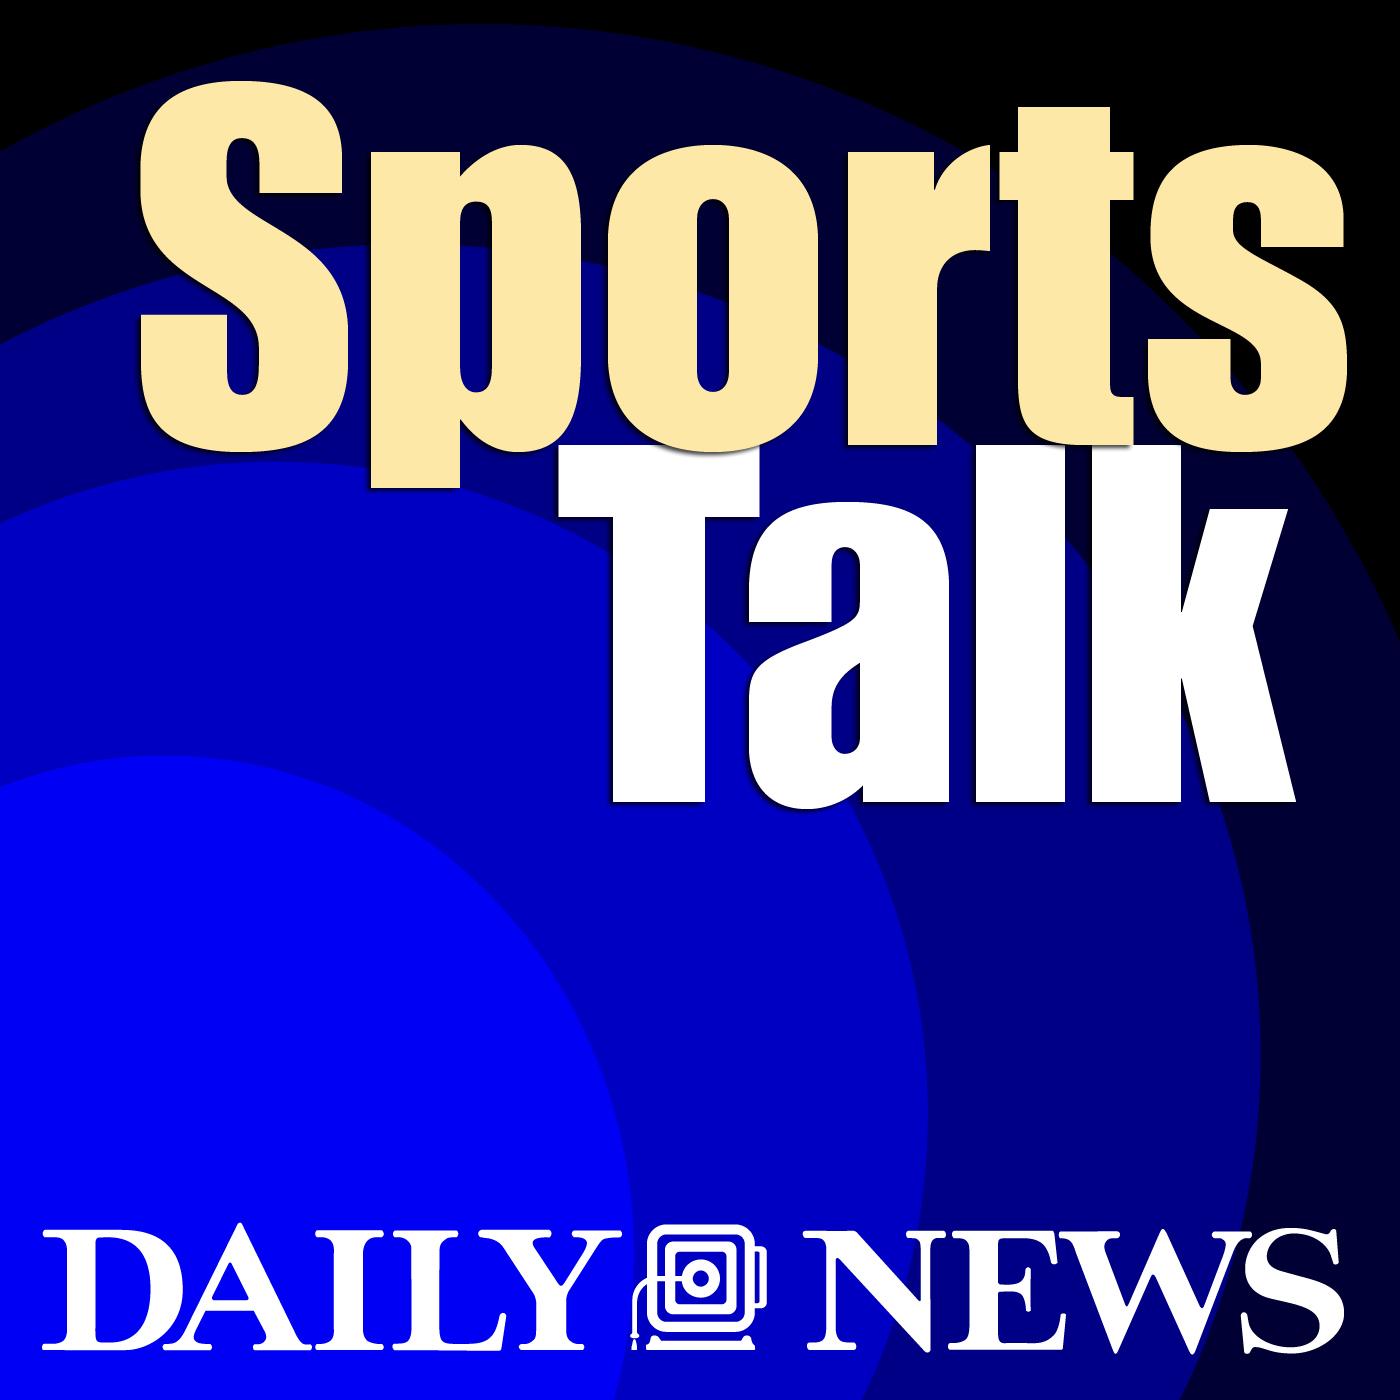 Daily News Sports Talk show art